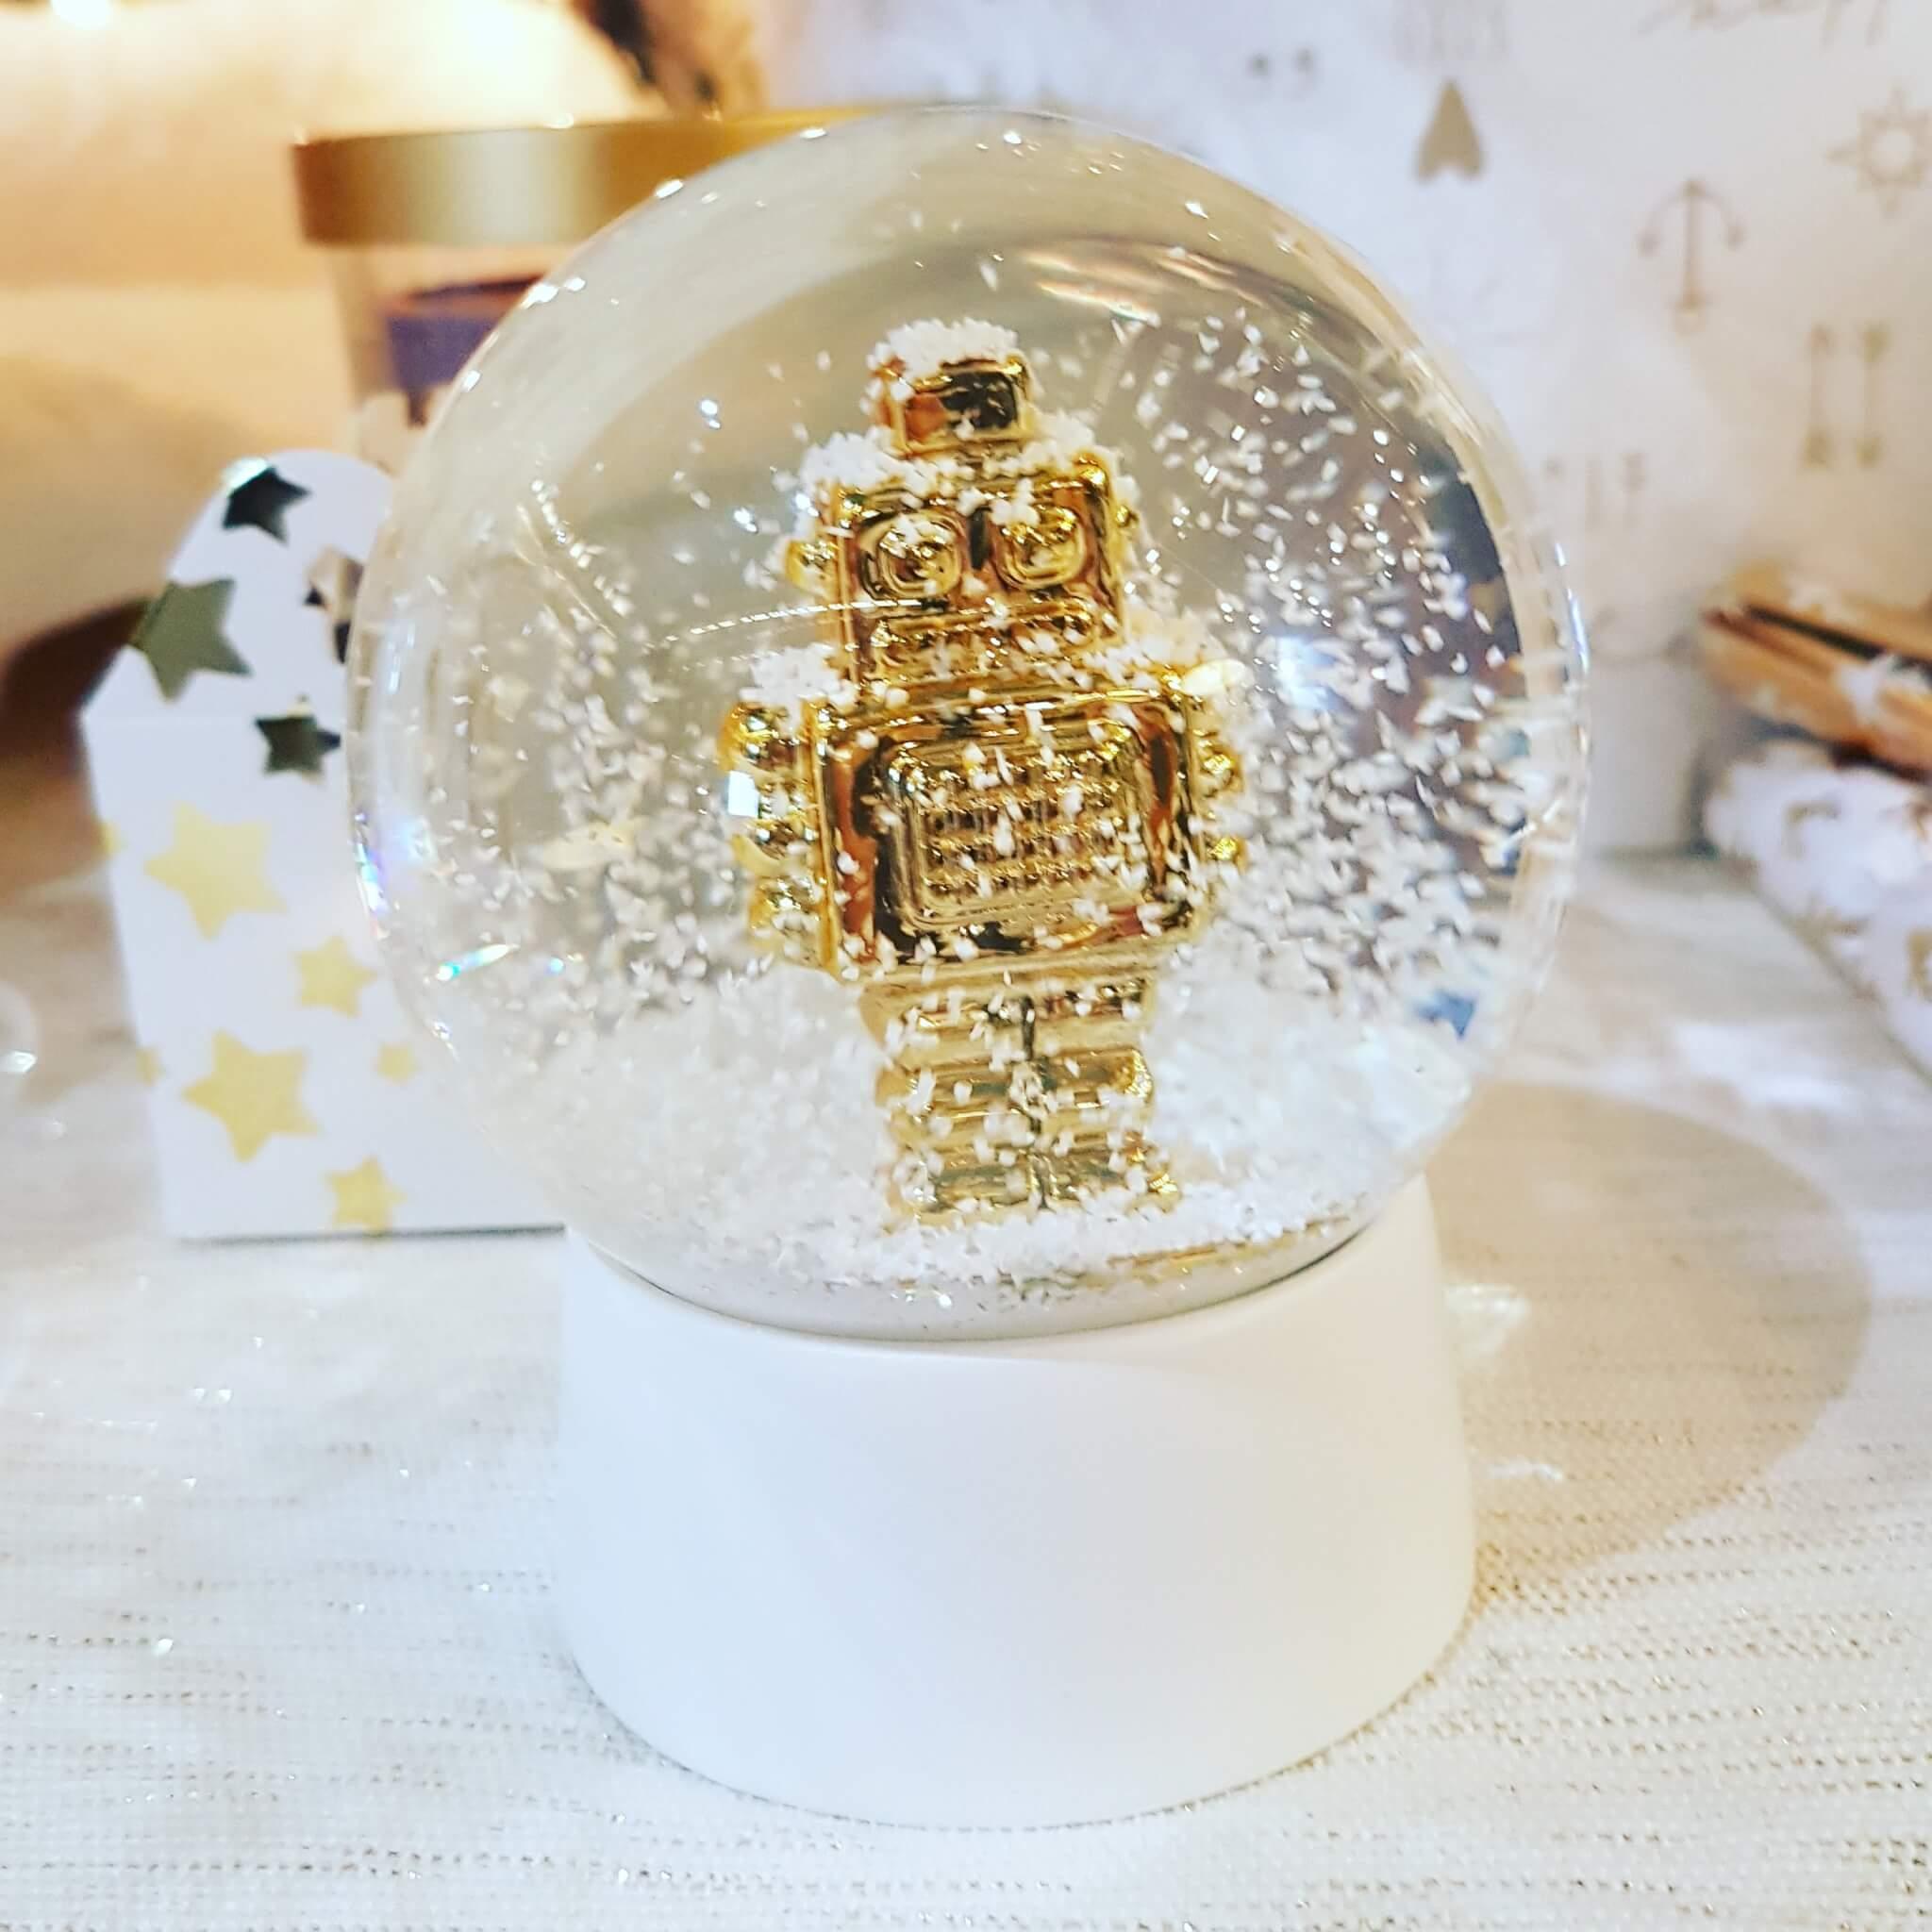 De leukste sneeuwbollen voor kerst, zelfgemaakt en in de winkels